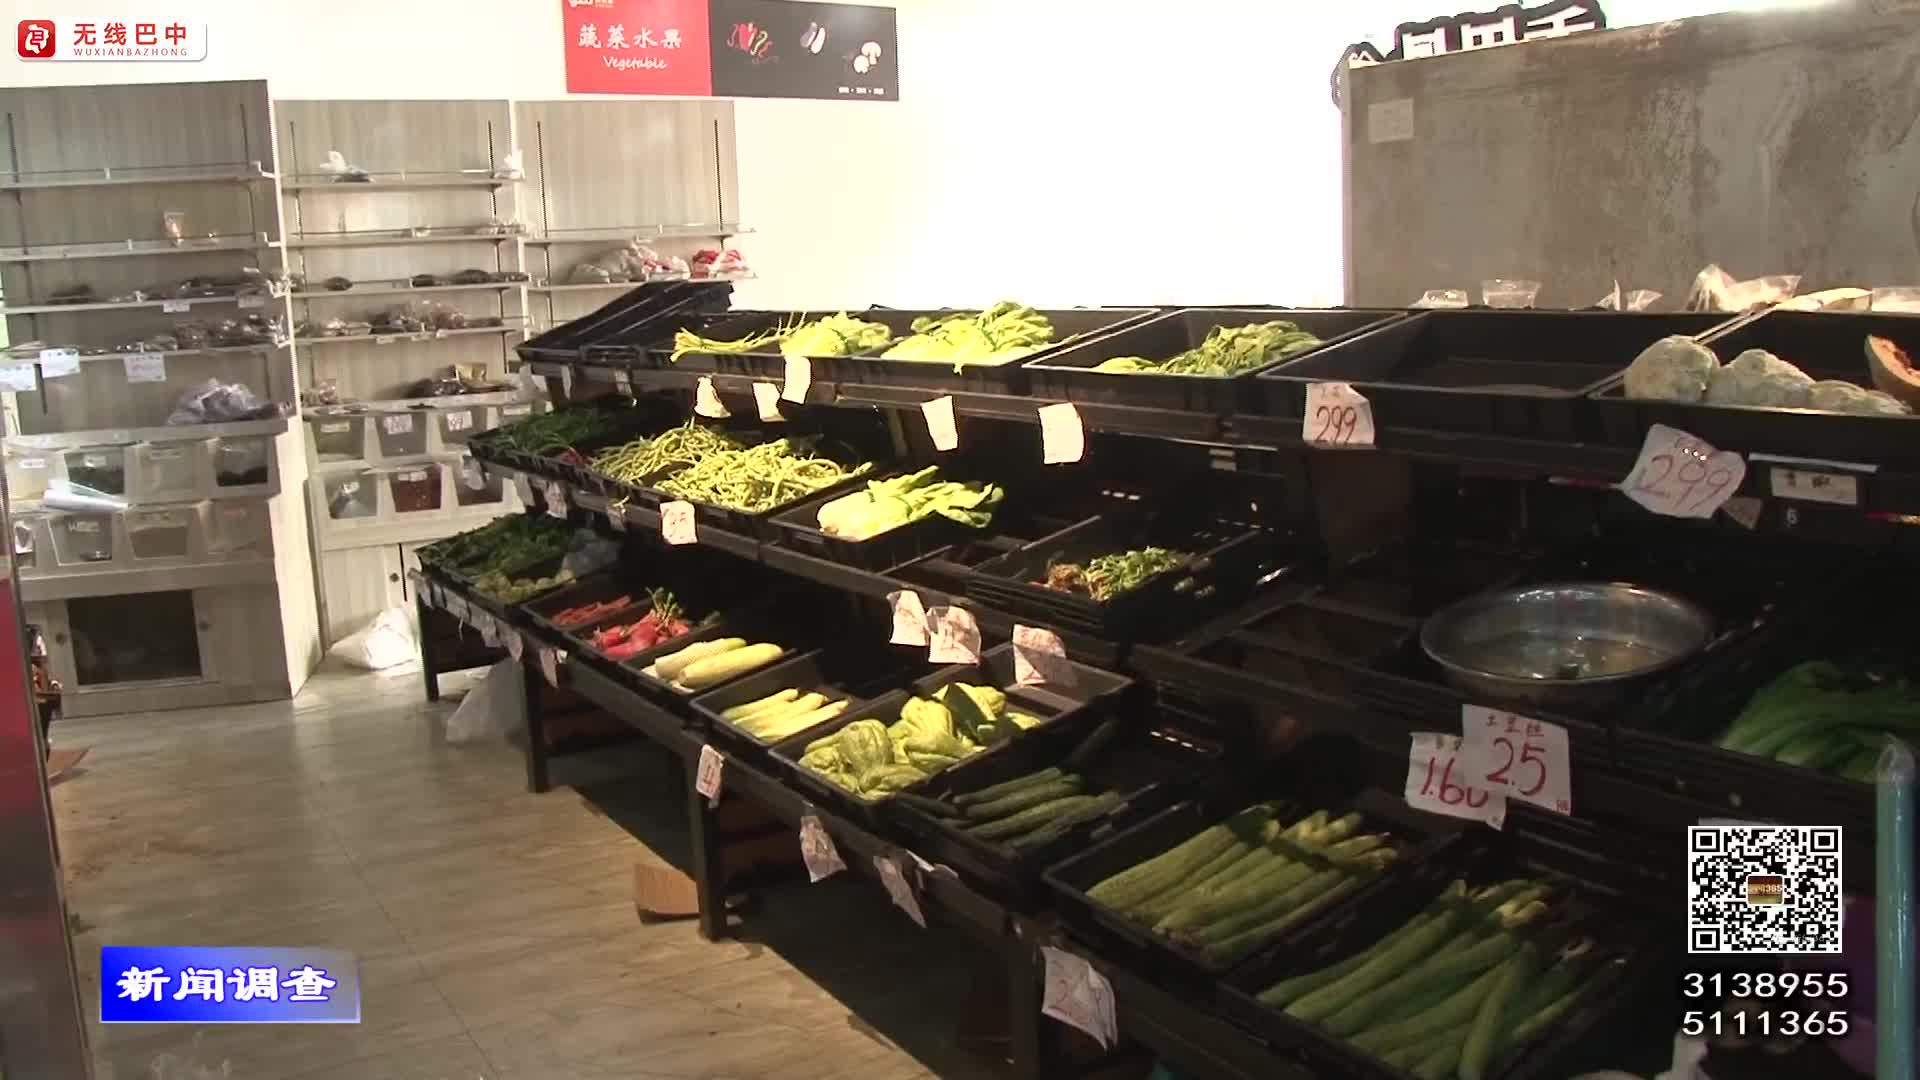 巴城:超市突然关门 供货商货款无着落